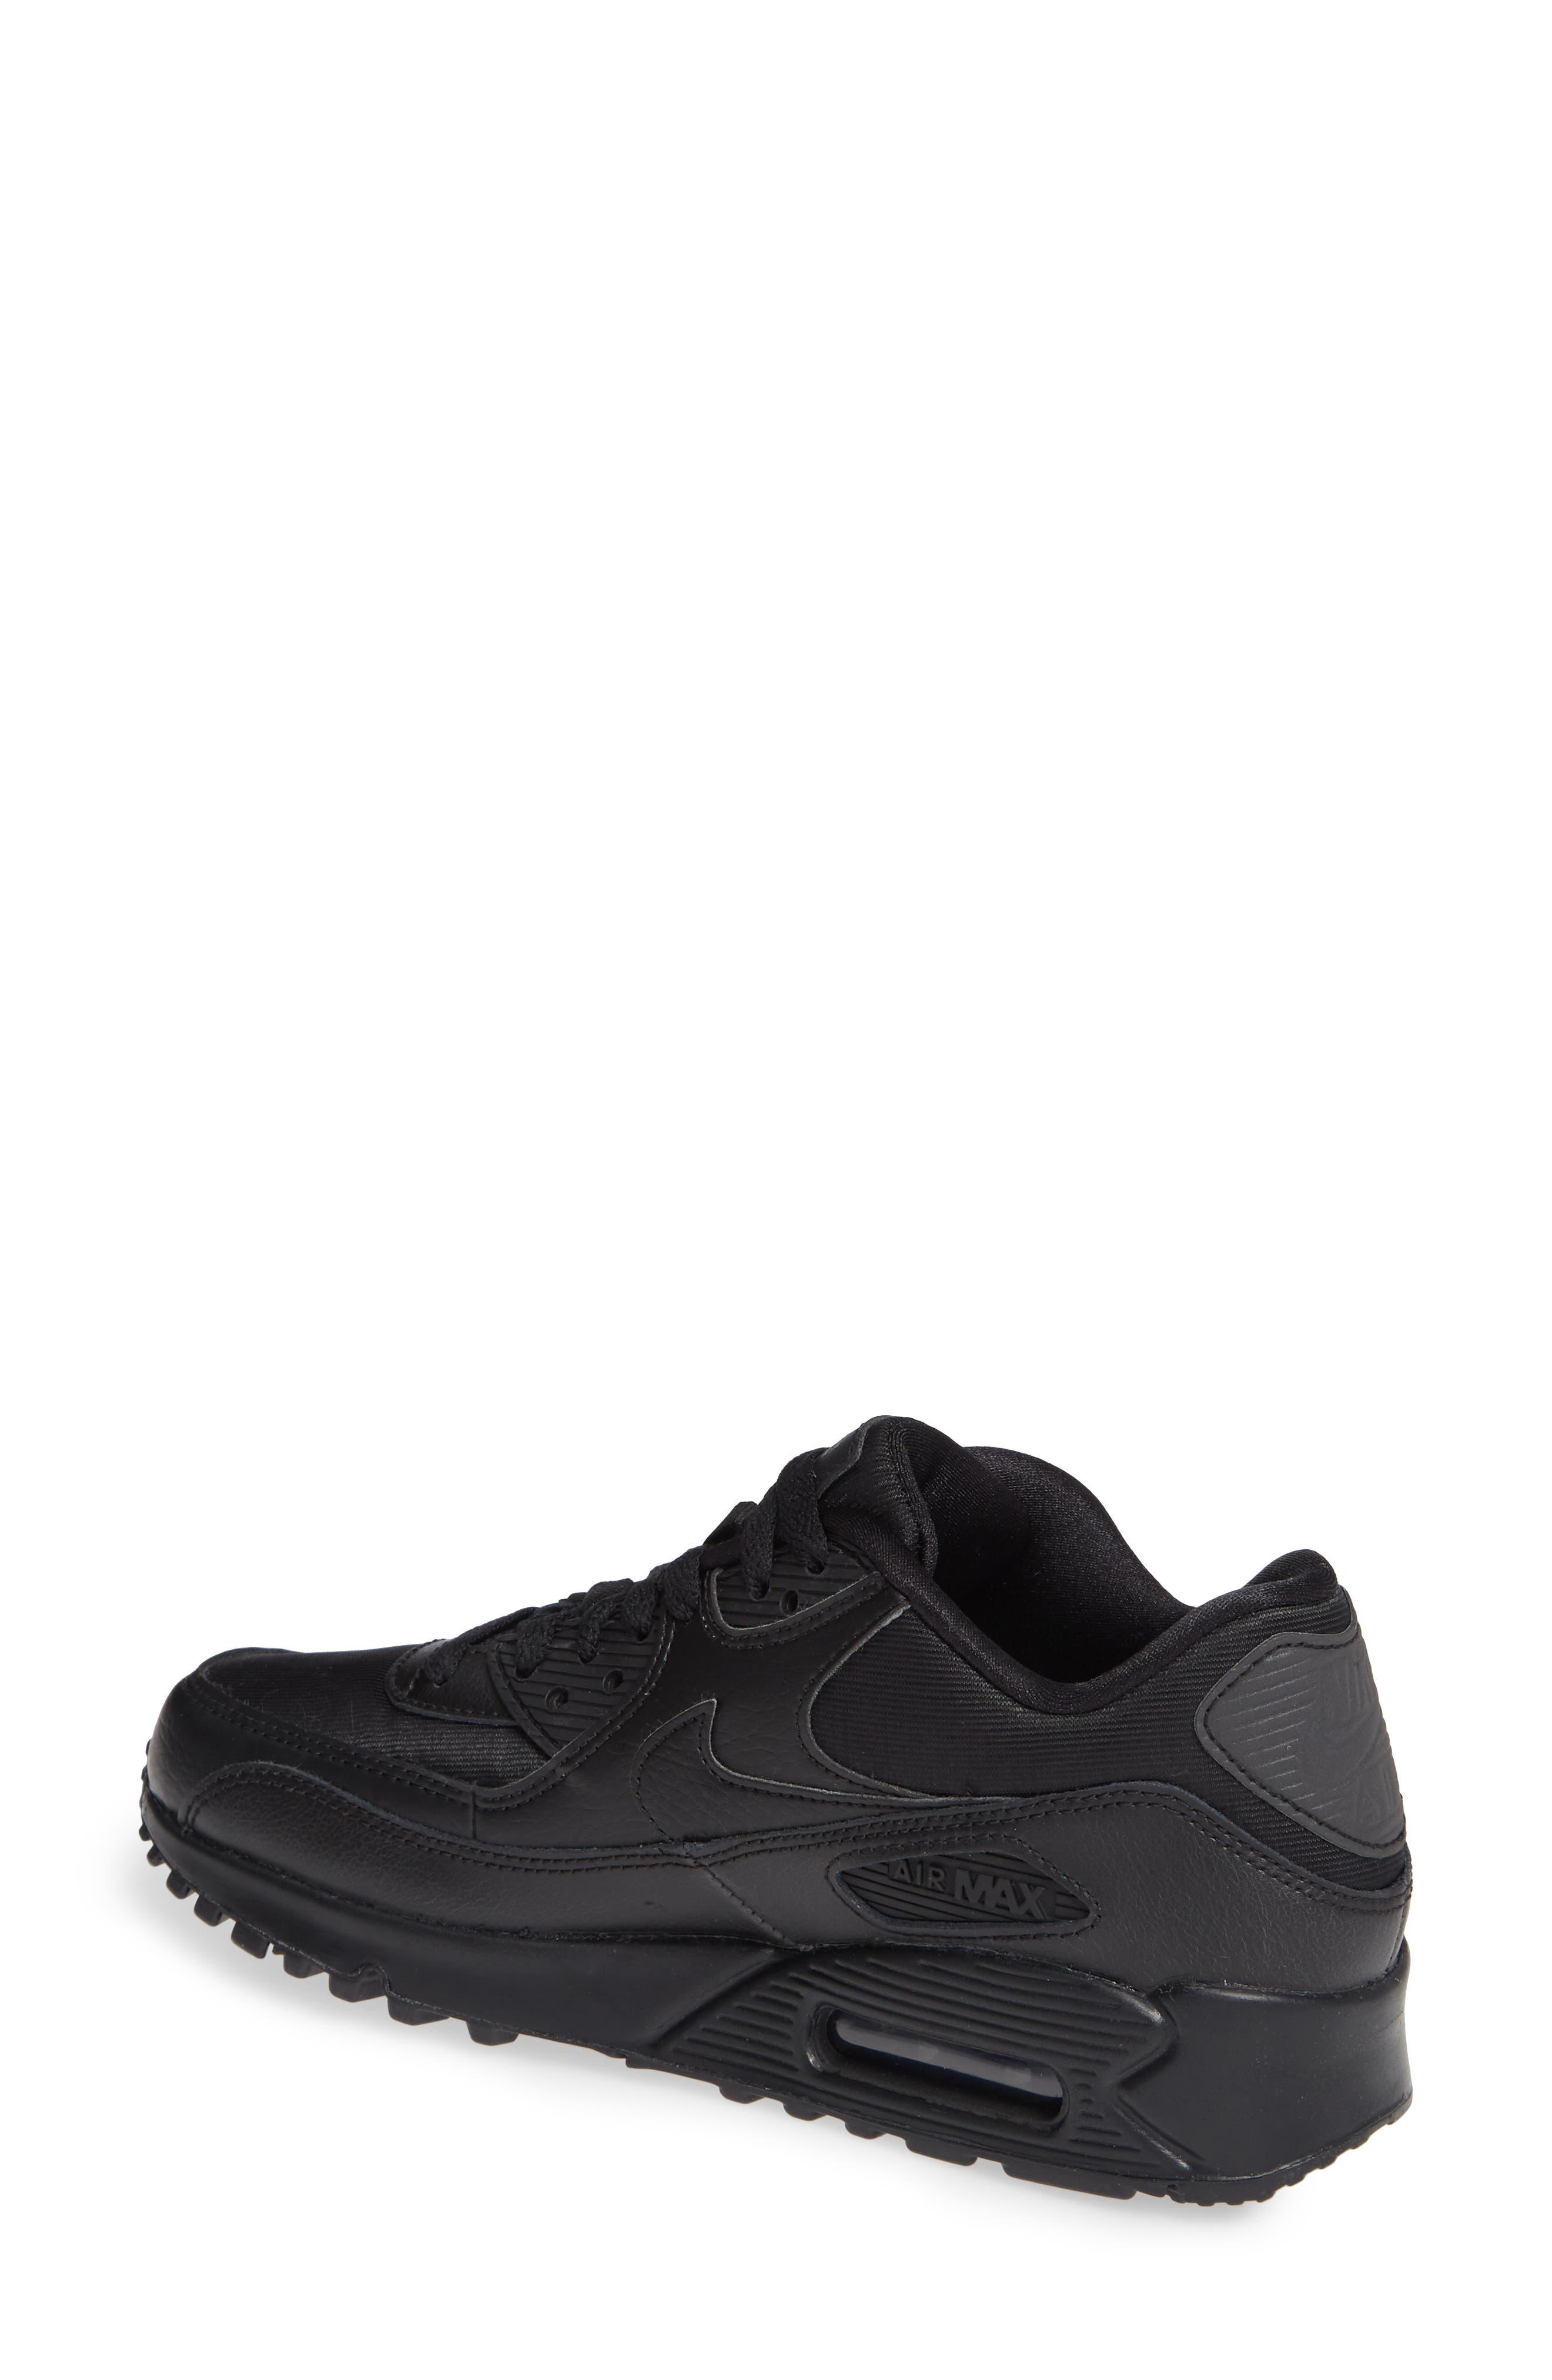 a225f370fafc2d Nike Air Max Shoes